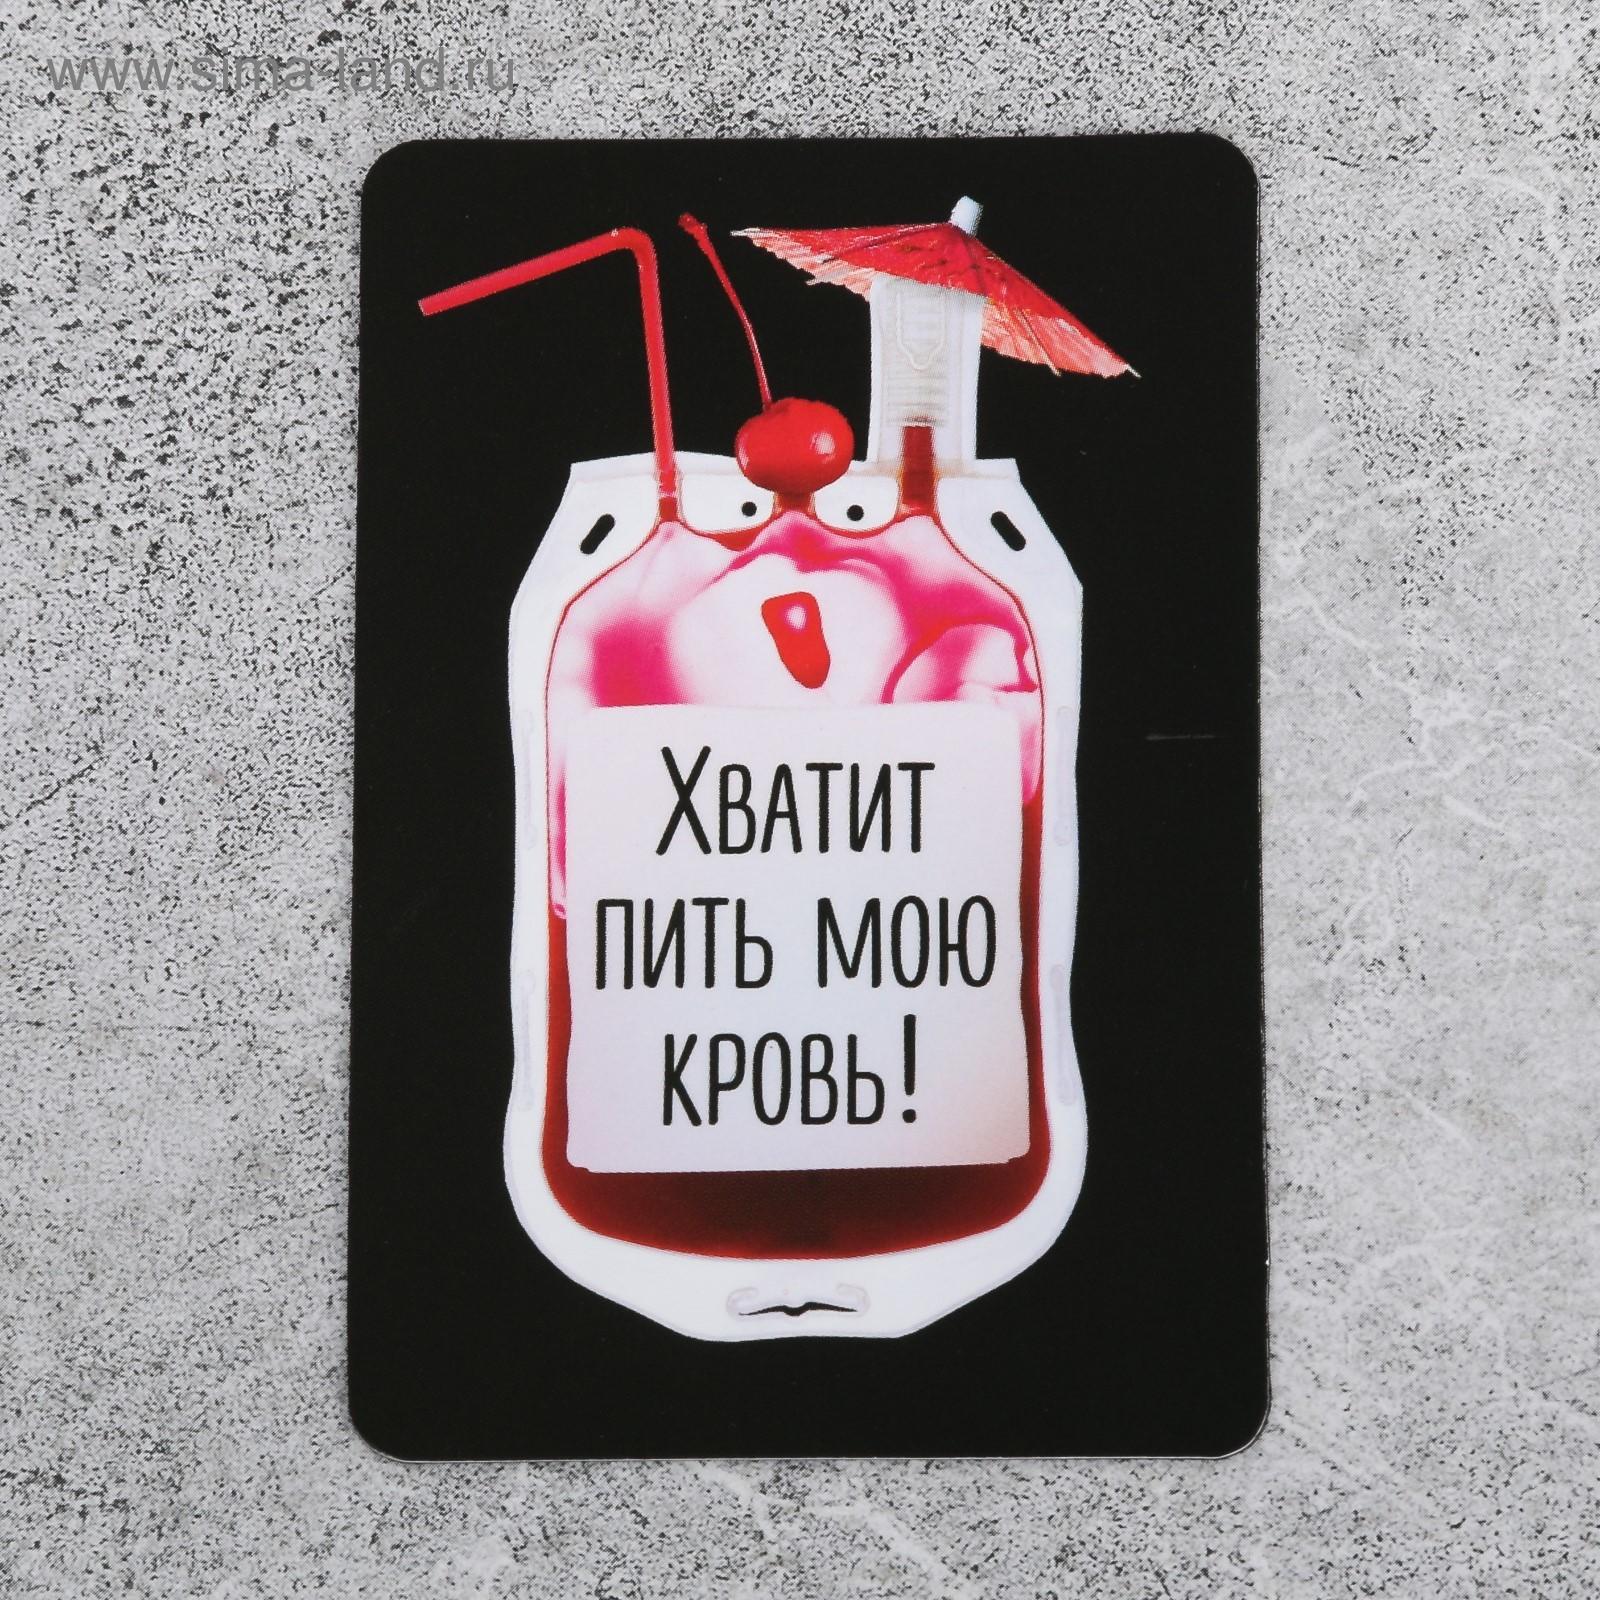 Хватит пить открытки